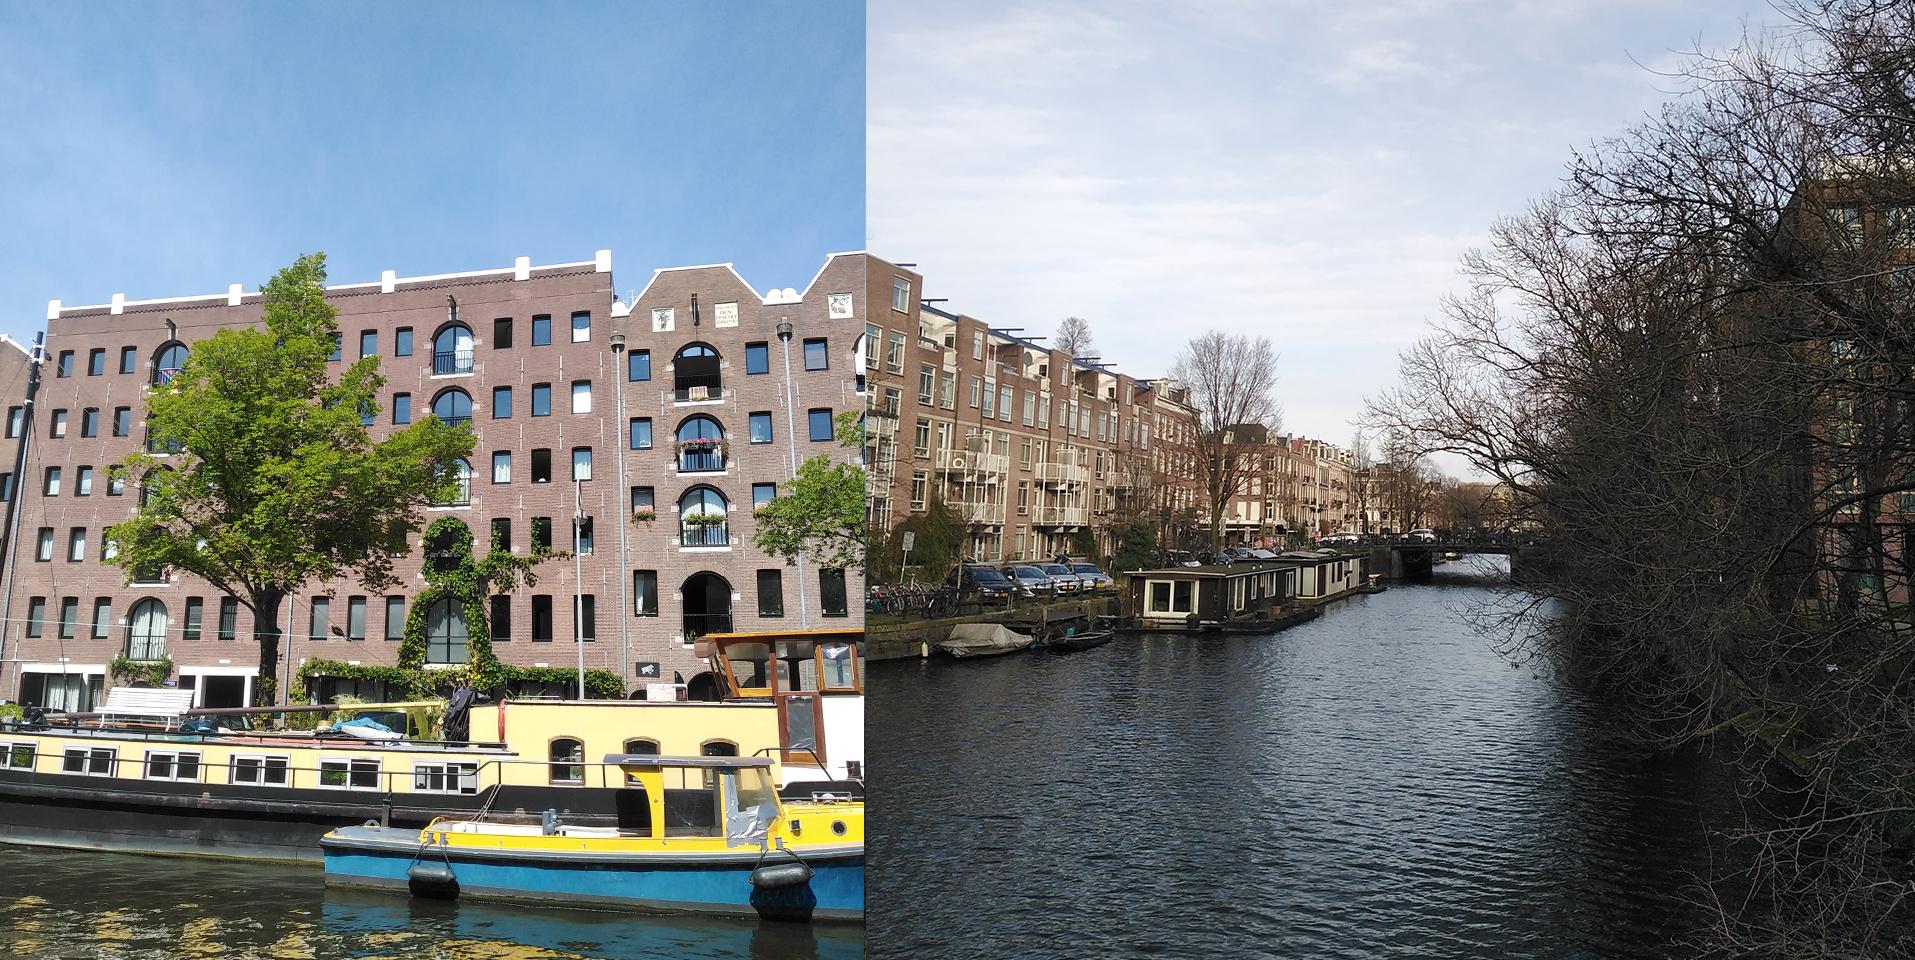 Αθήνα - Άμστερνταμ - Σρι Λάνκα - Φρανκφούρτη: Η Σίντυ Χατζή είναι η ανθρωπολόγος που έζησε lockdown σε 4 διαφορετικές χώρες